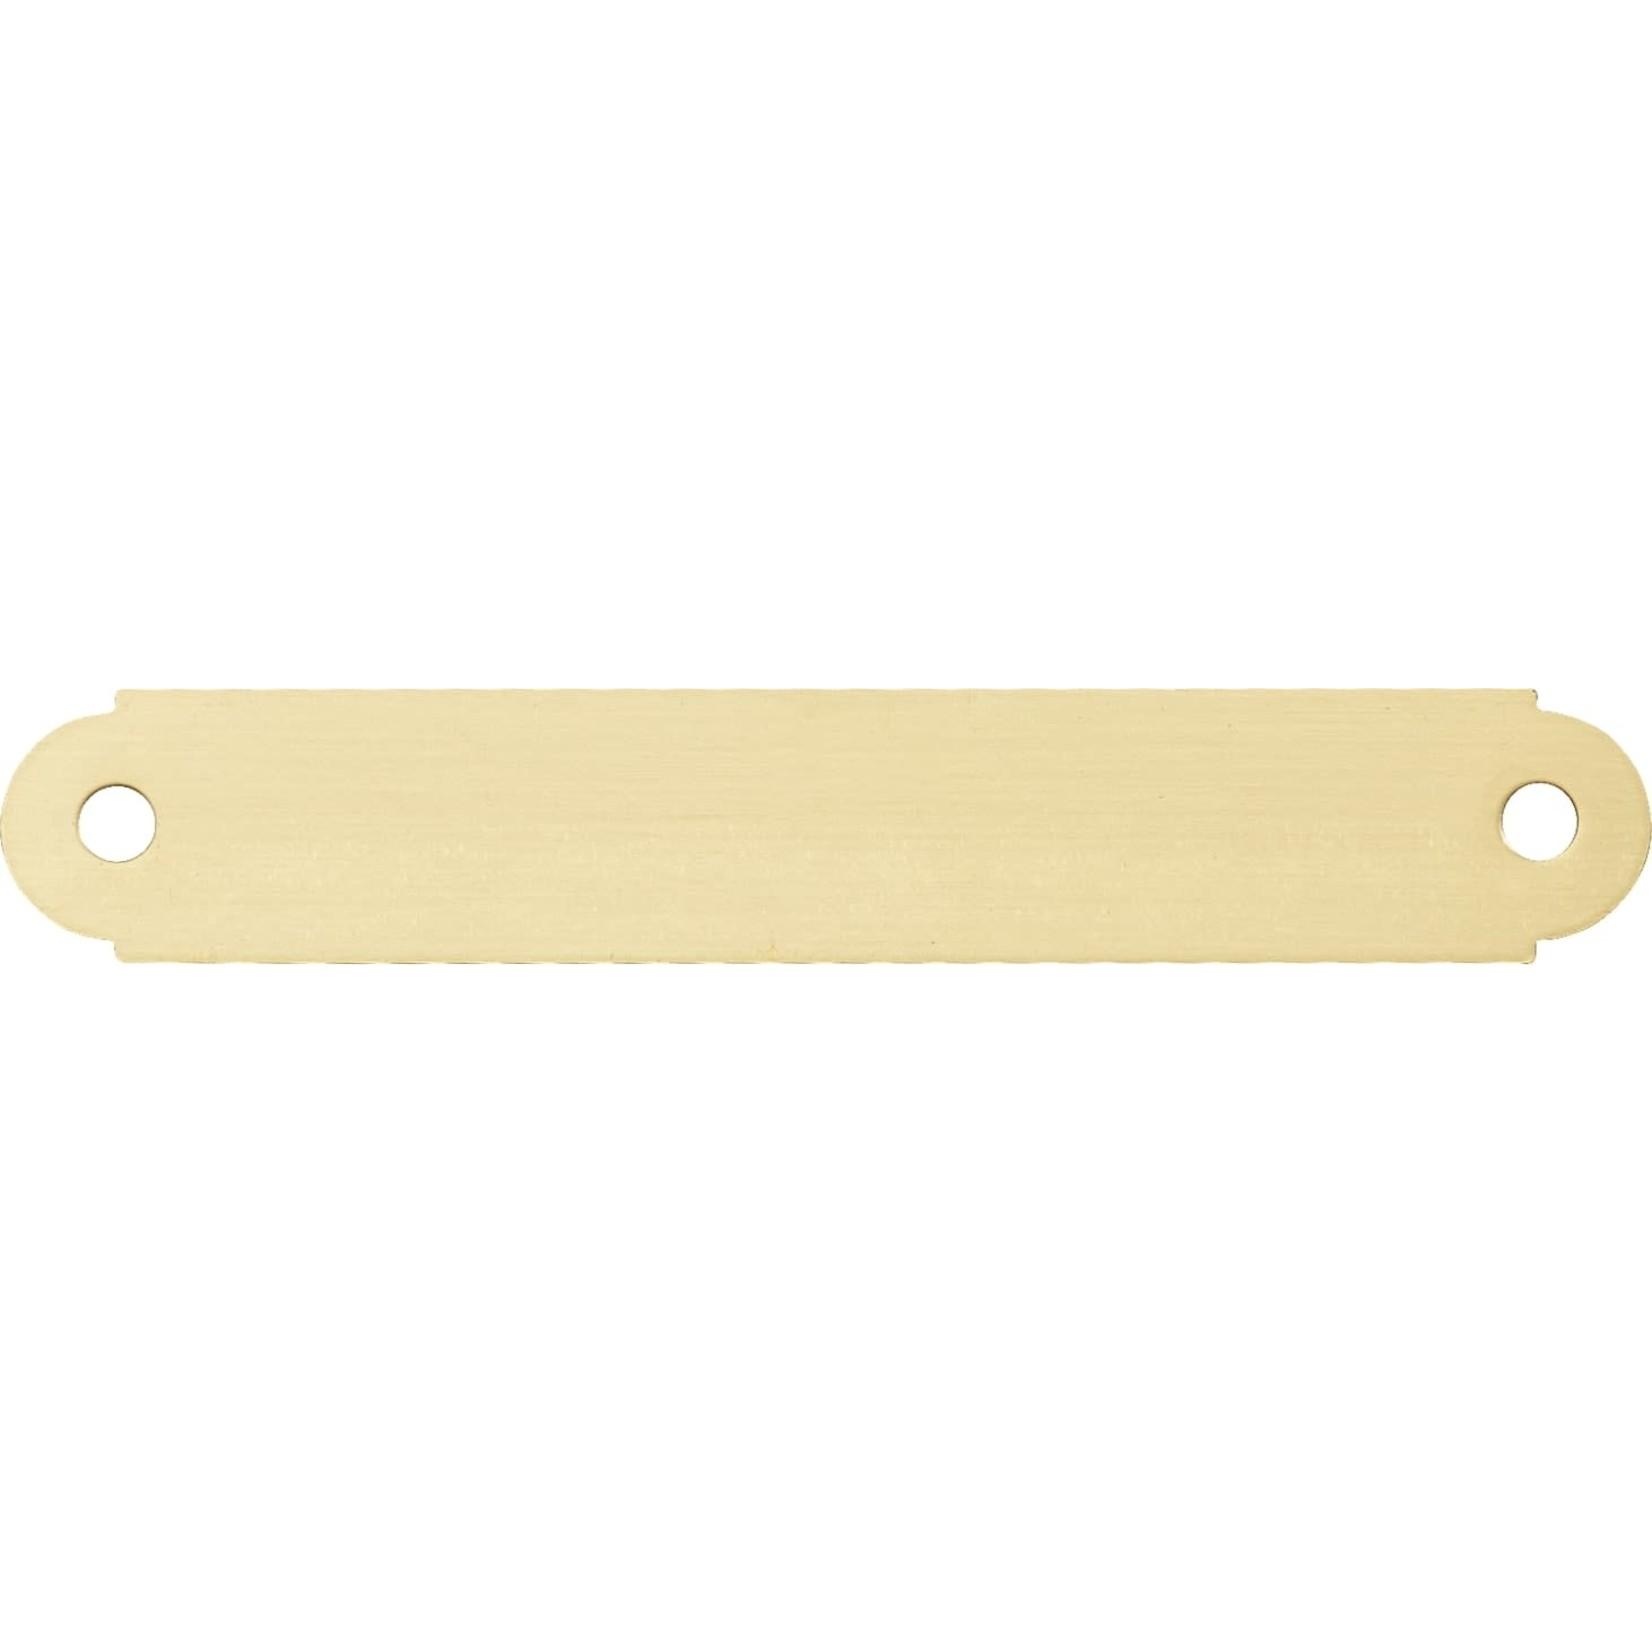 Smulders Diervoeders Messing plaat rond: 11,4 x1,9 cm